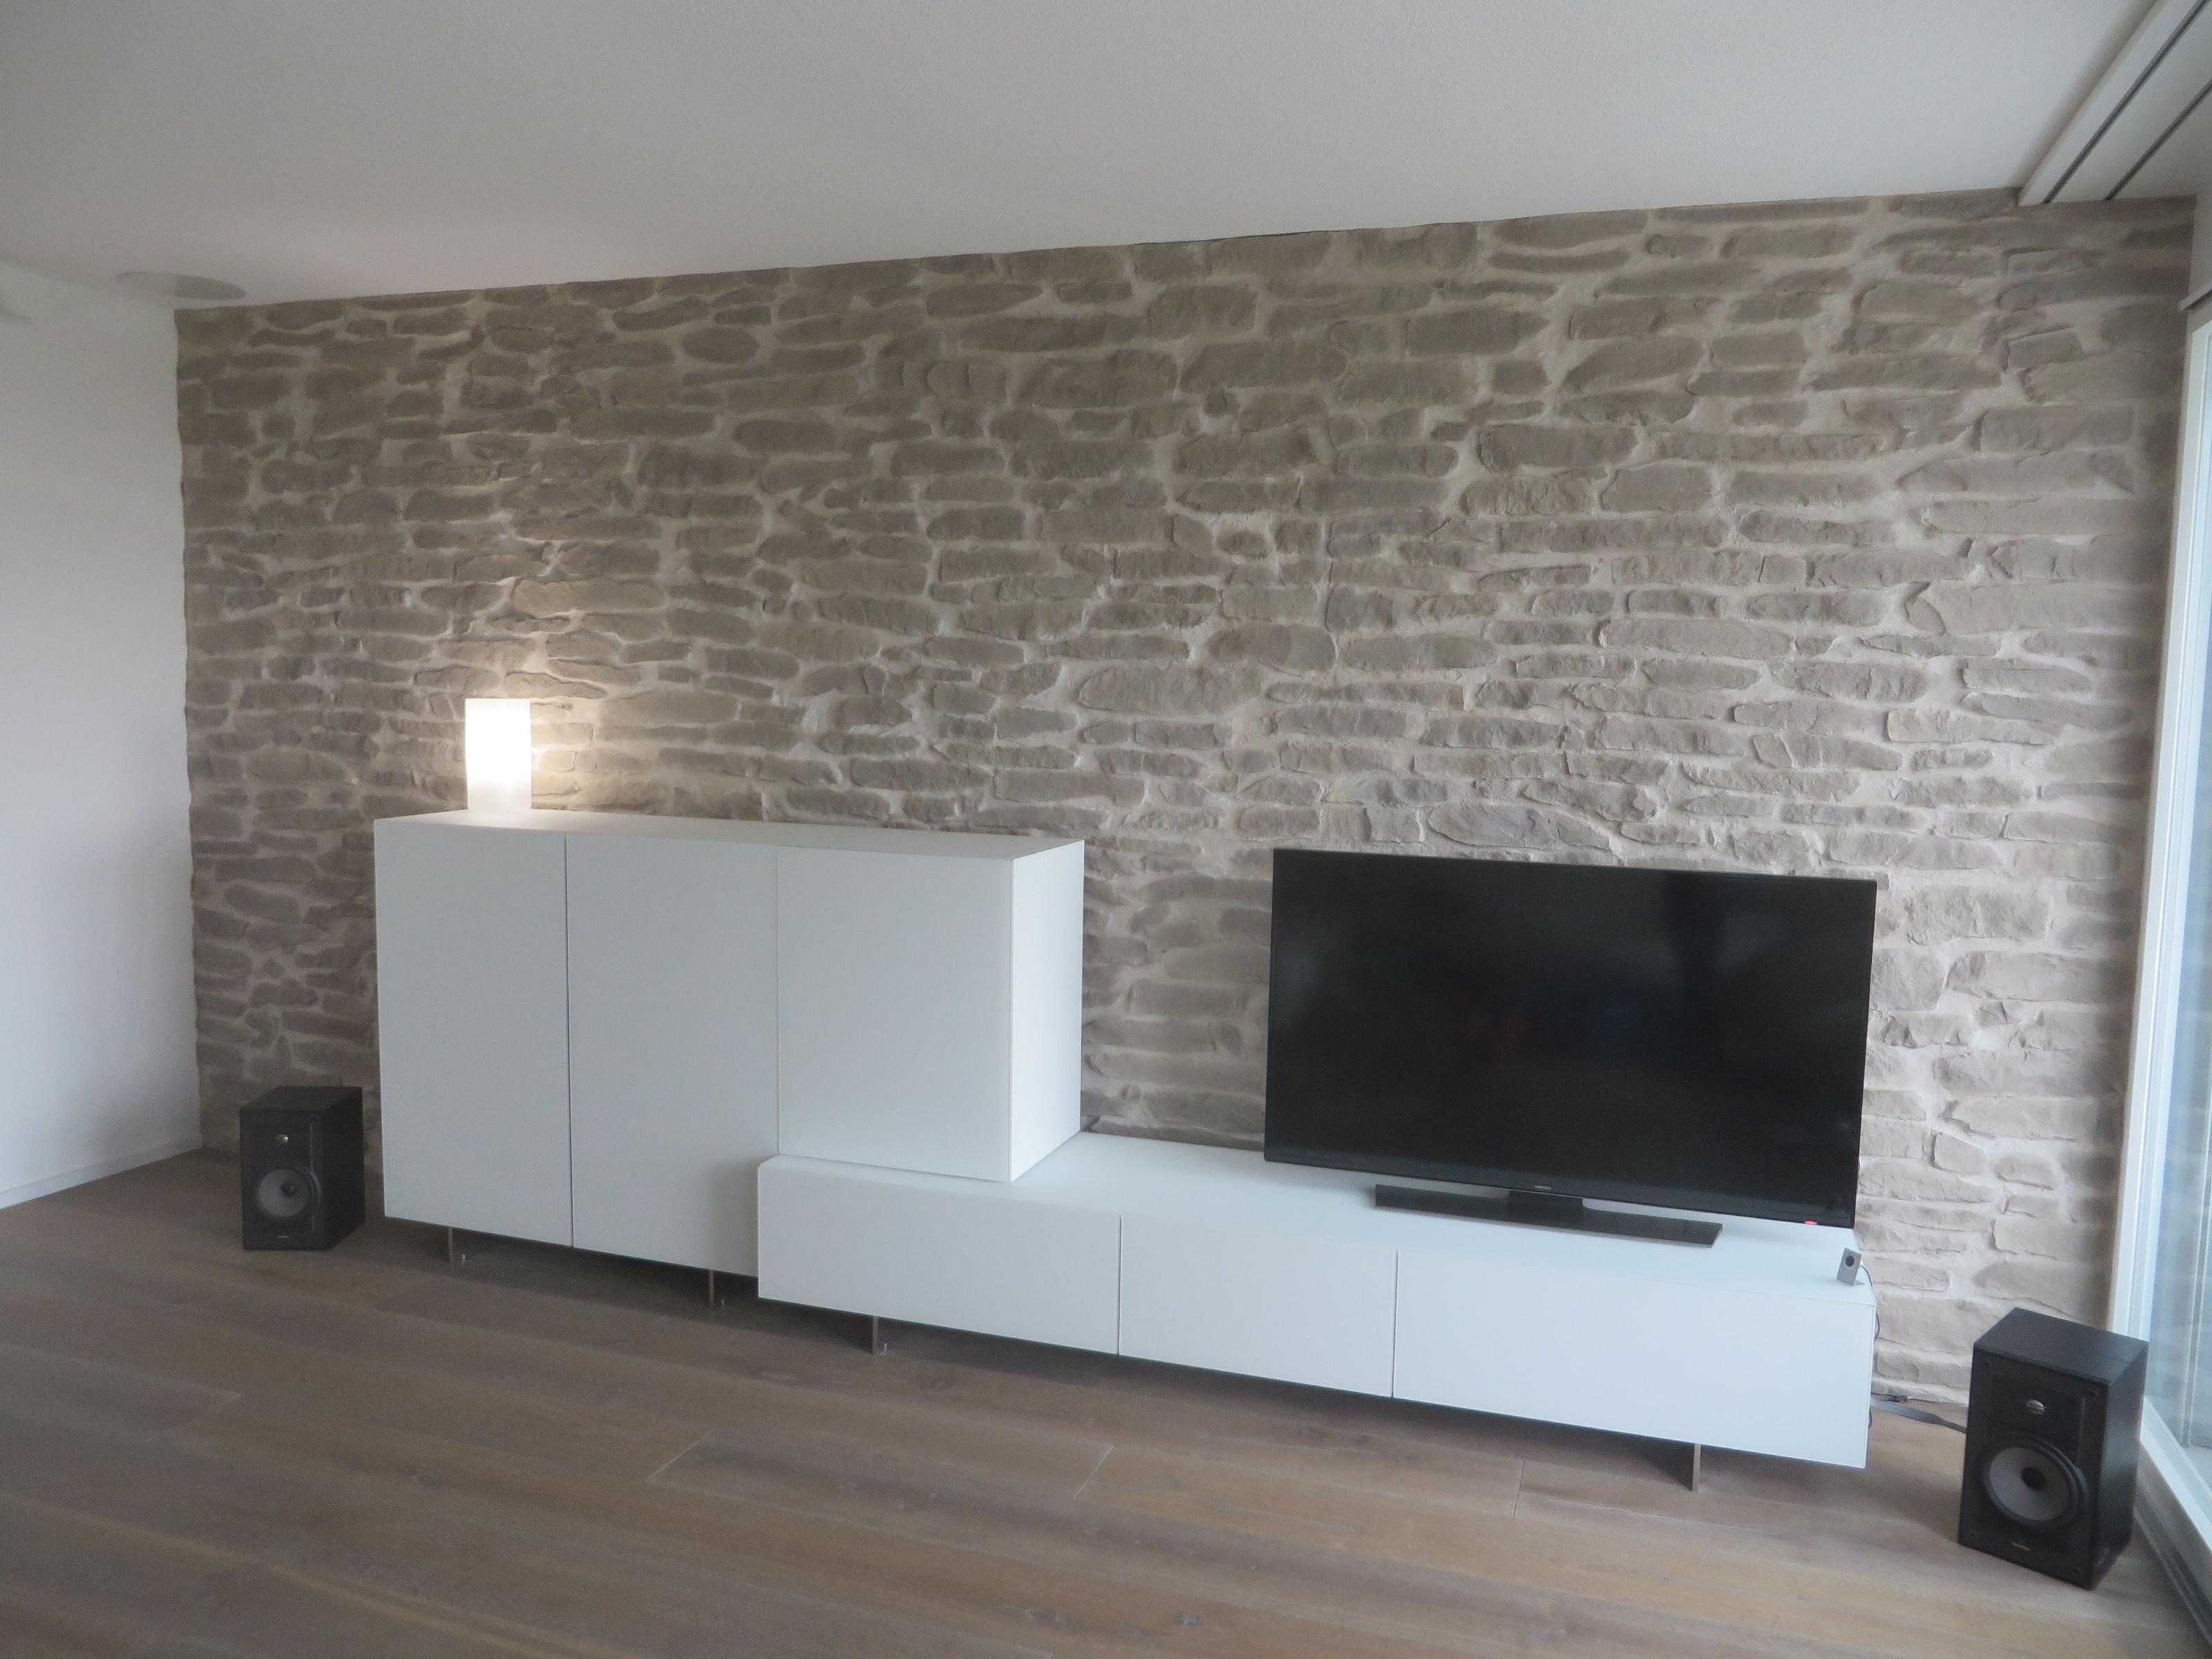 Wohnzimmerwand Steinoptik Lajas  Wandgestaltung Wohnzimmer von Tapeten Wohnzimmer Steinoptik Photo